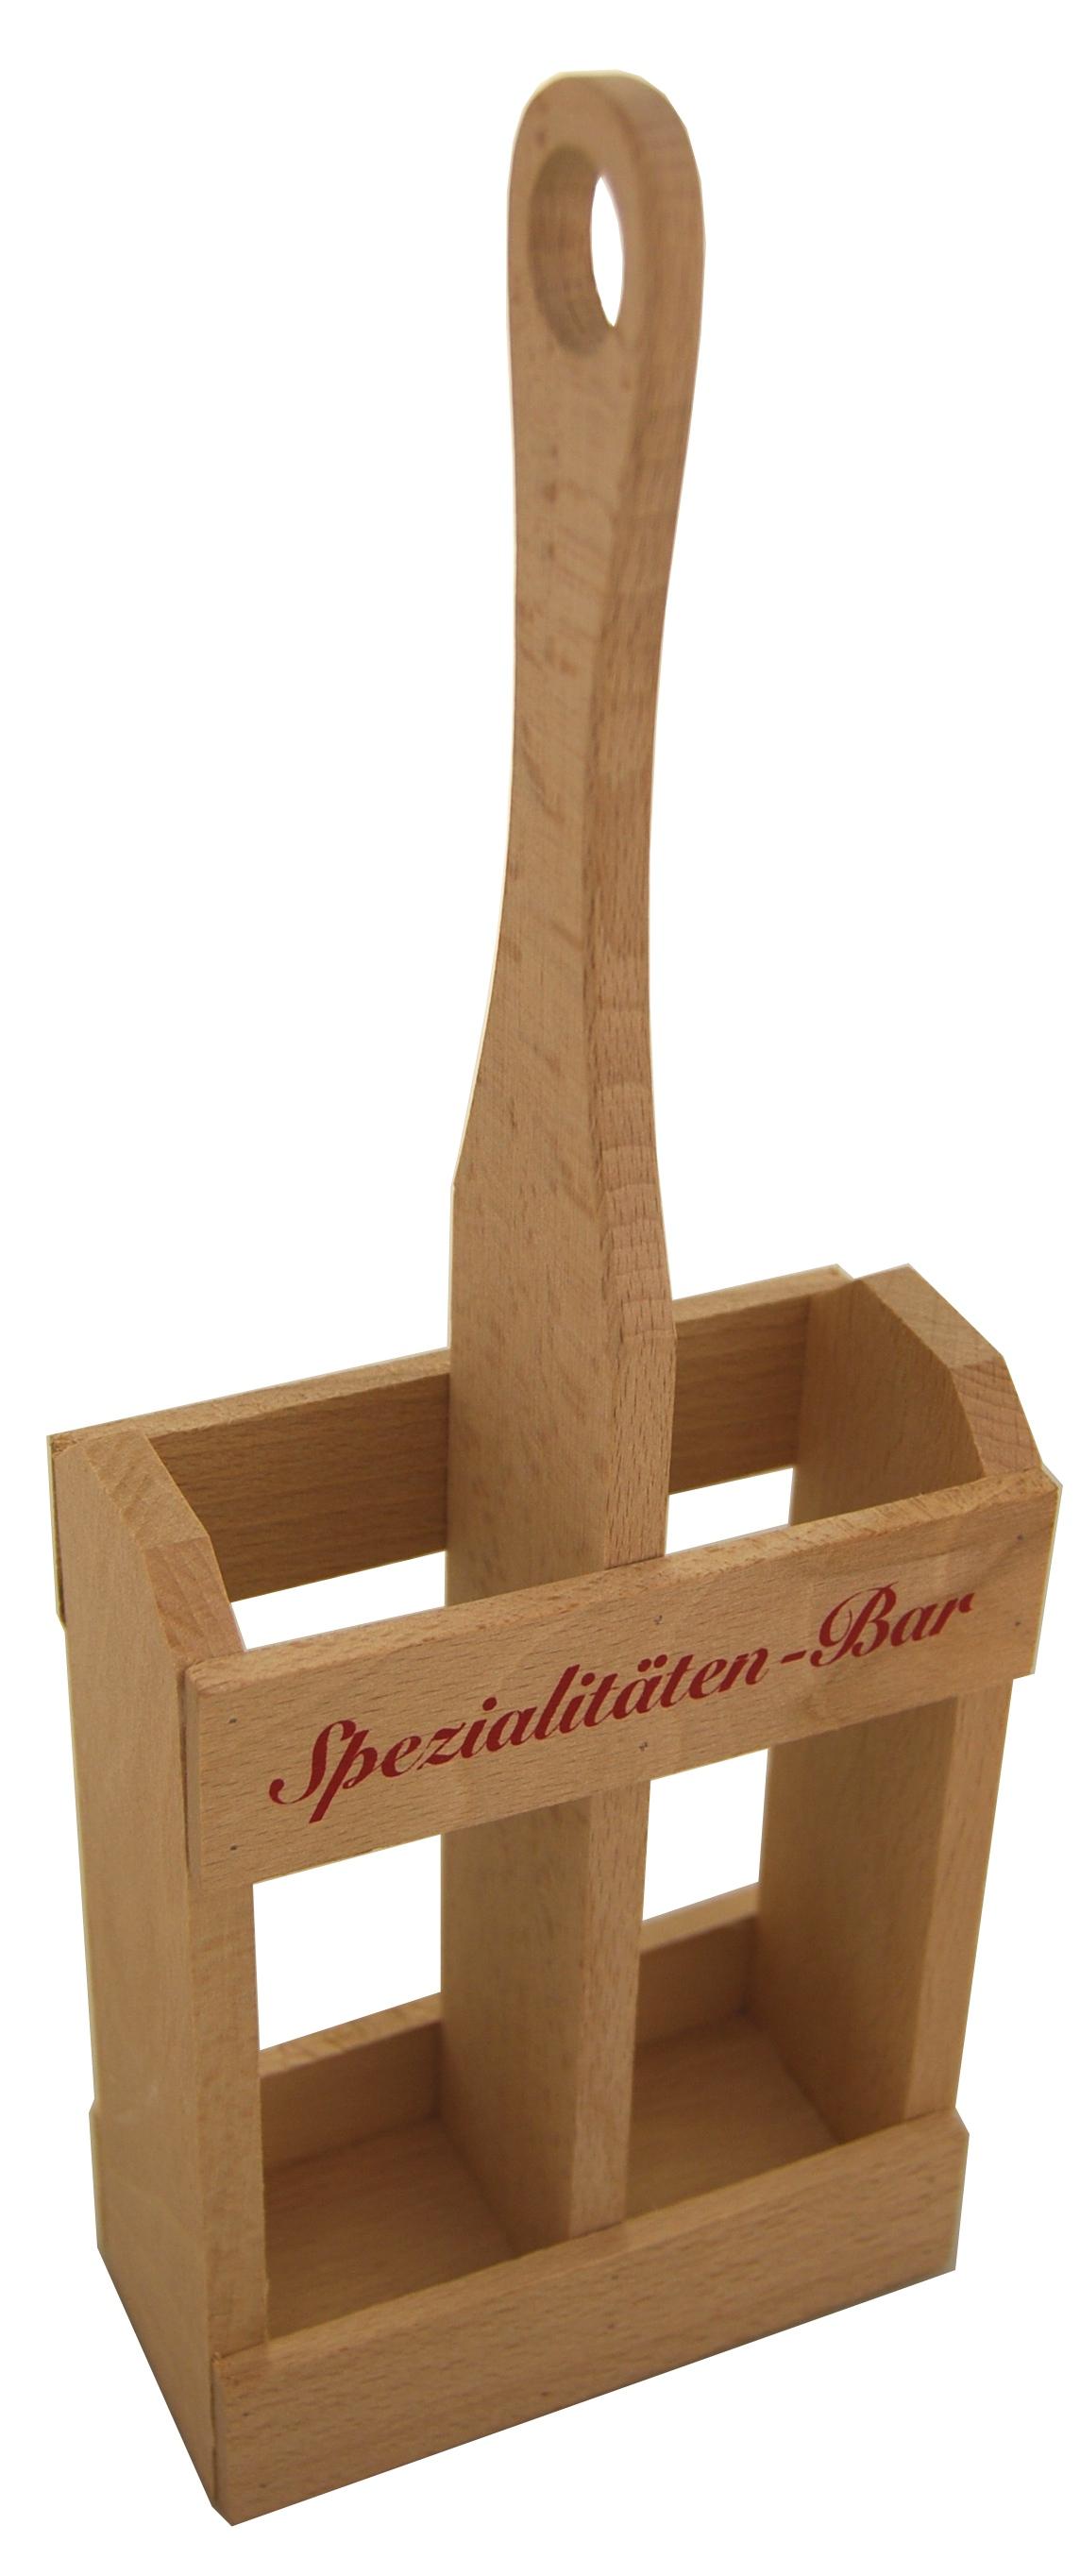 flaschengro handel reis holzgestell natur f r 2 flaschen klein online kaufen. Black Bedroom Furniture Sets. Home Design Ideas